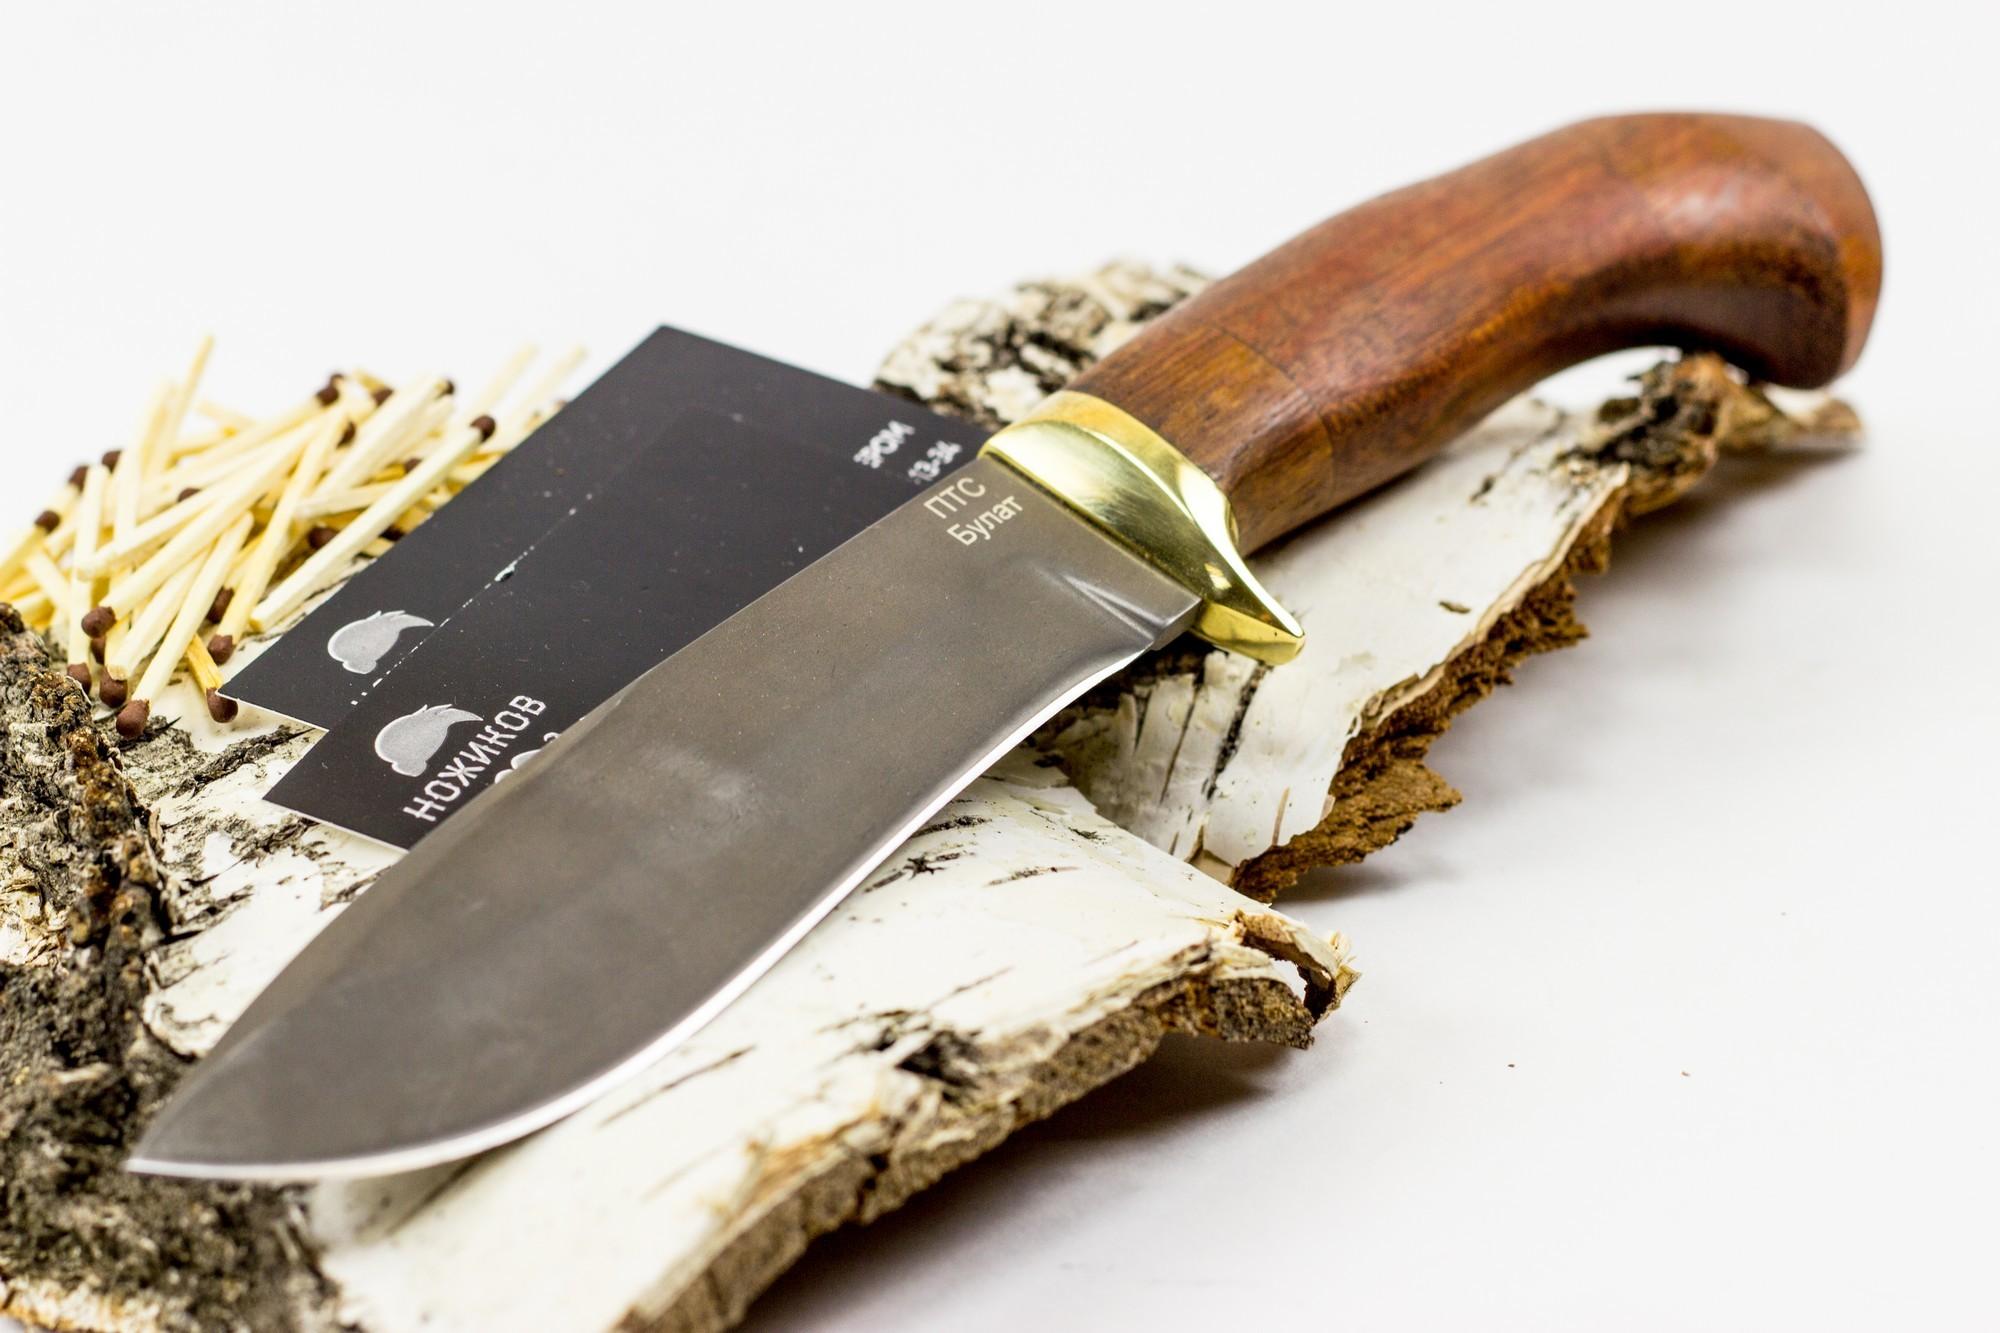 Фото 2 - Нож булатный Тюлень от Noname